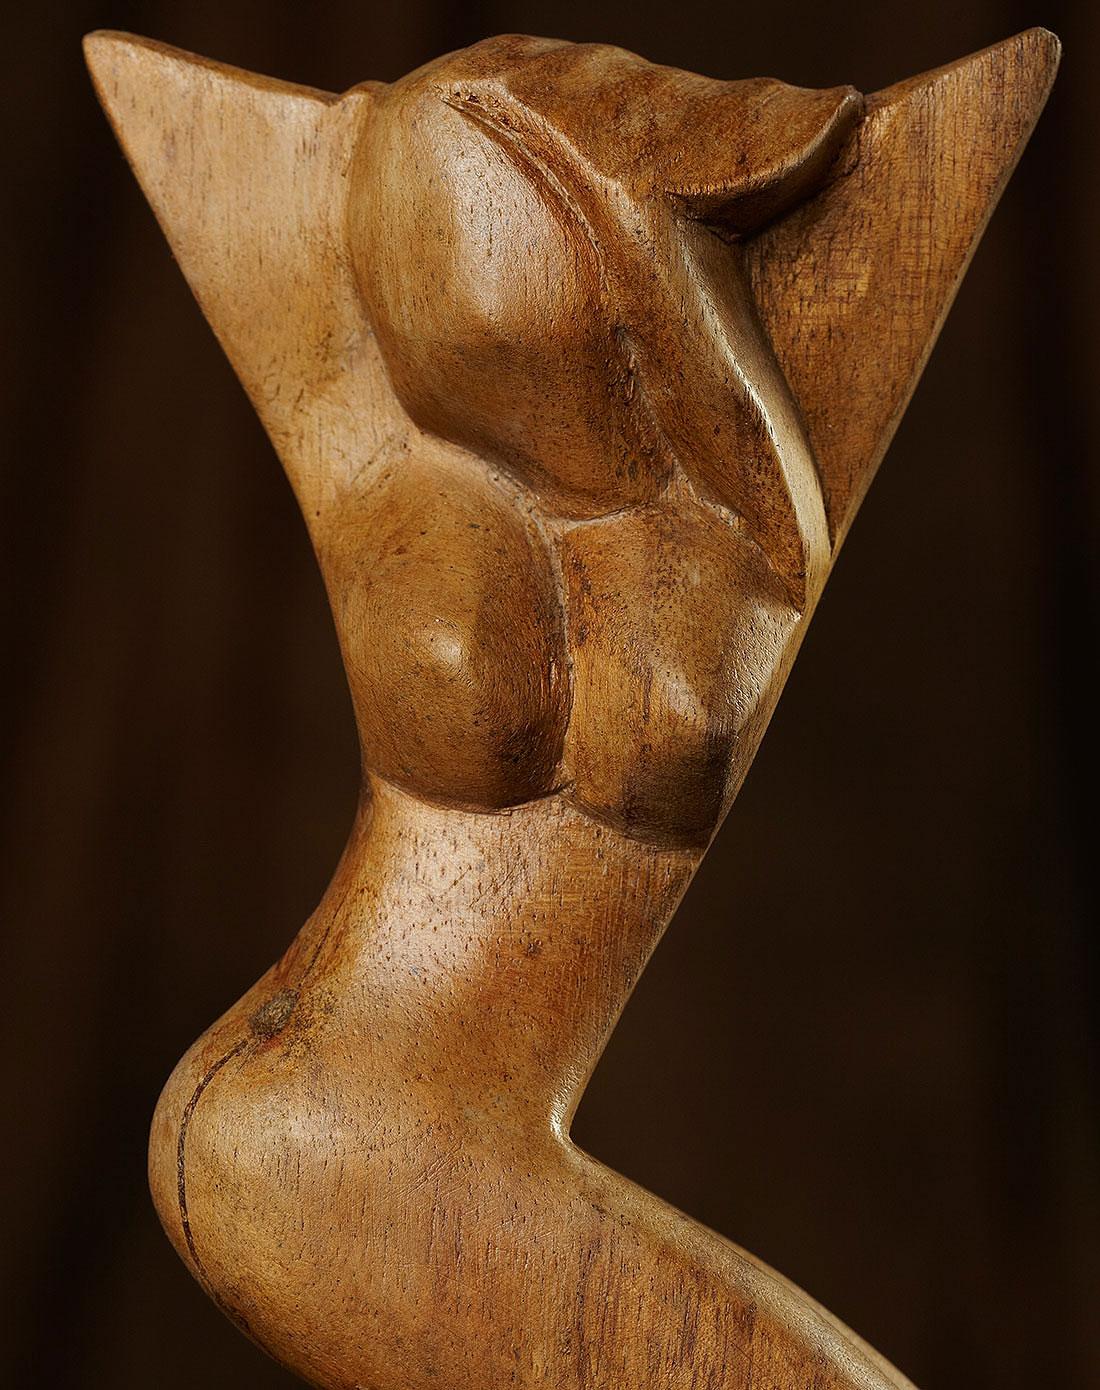 【印尼.巴厘岛】木雕美女.手工木雕